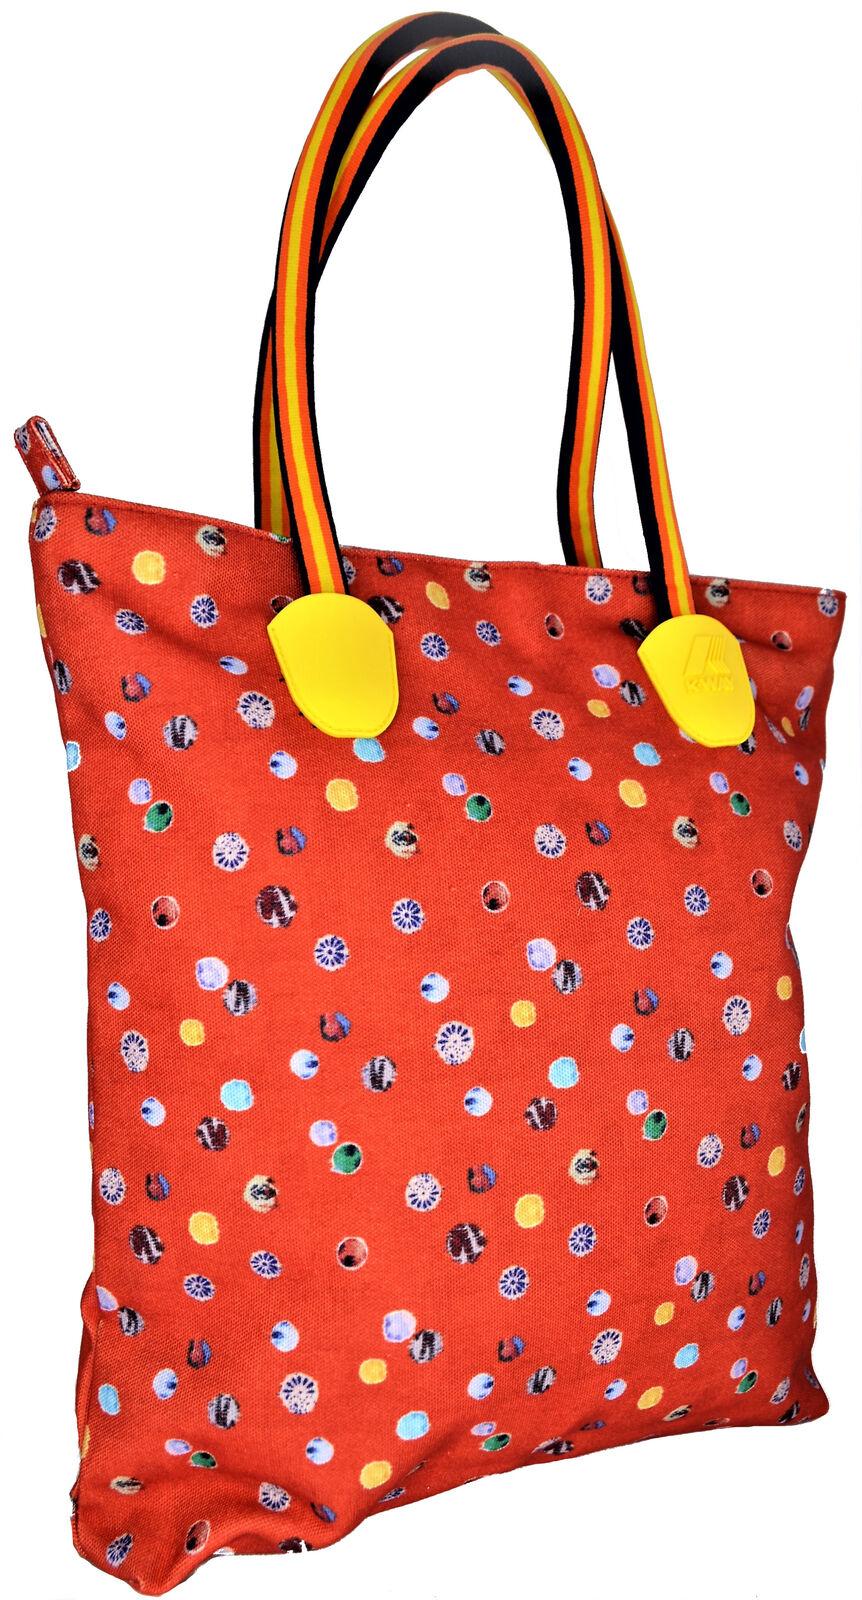 Shoulder Bag Woman orange K-Way Bag Woman K-Sun Ns Shopper orange